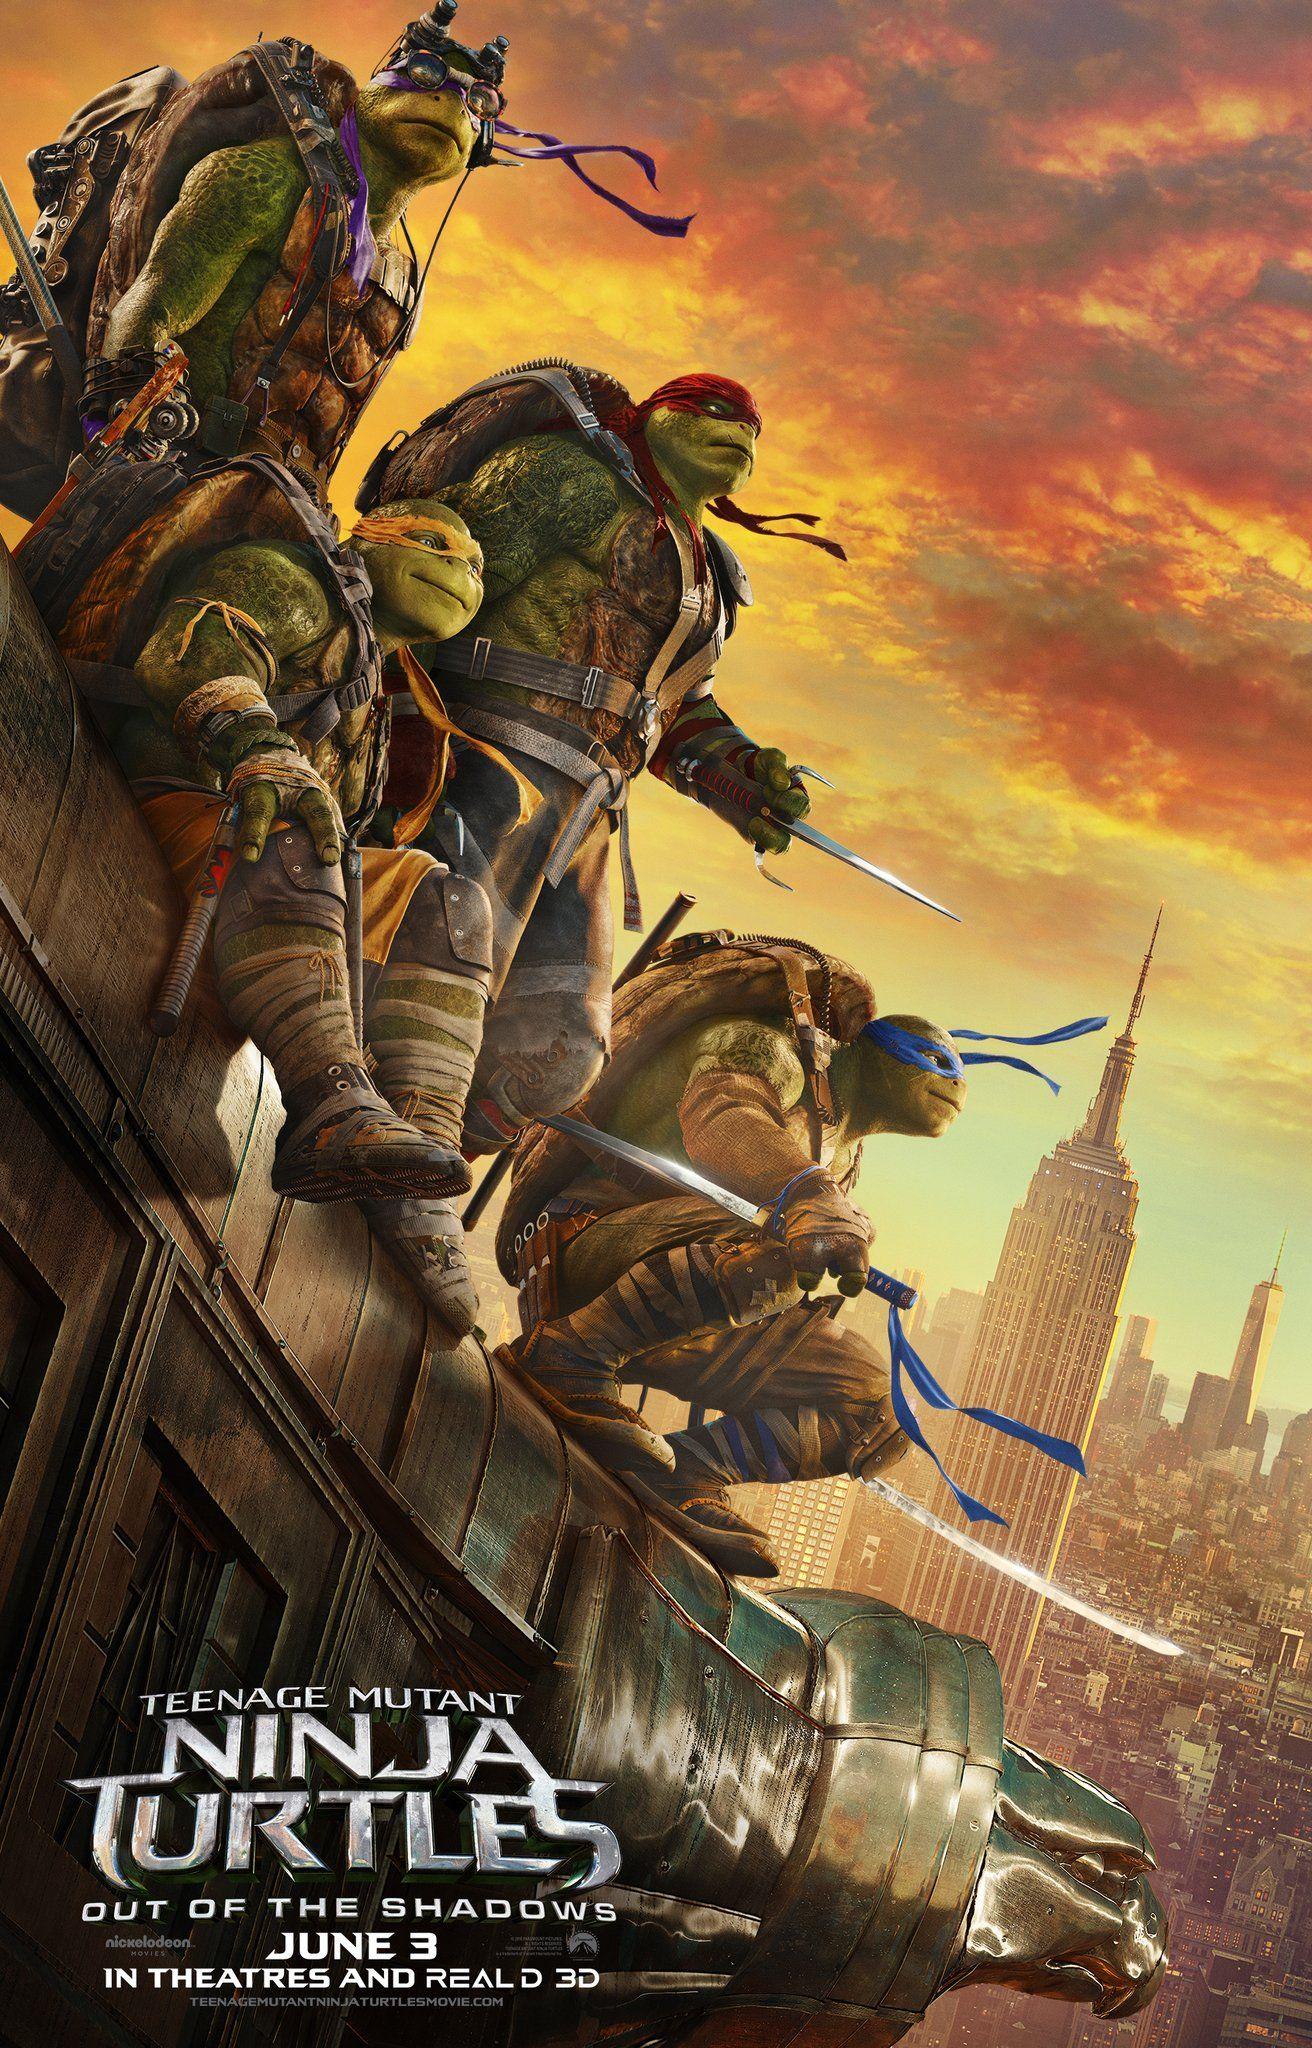 Teenage Mutant Ninja Turtles Out Of The Shadows 2016 Film Poster Ninja Turtles Movie Teenage Mutant Ninja Turtles Movie Ninja Turtles